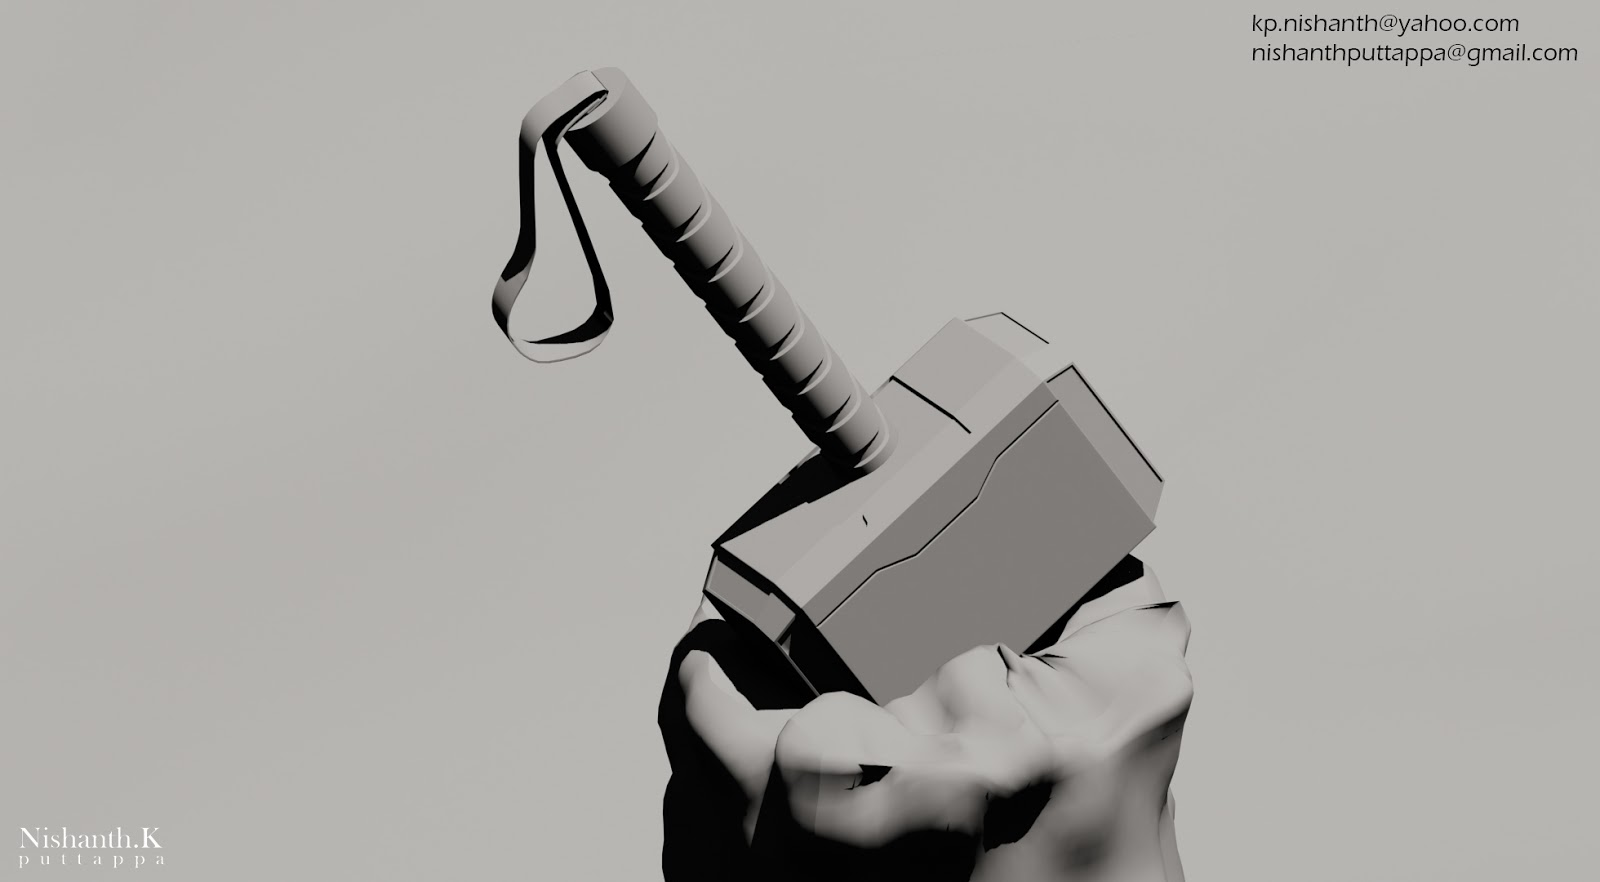 my first textured model thor hammer 3d artist